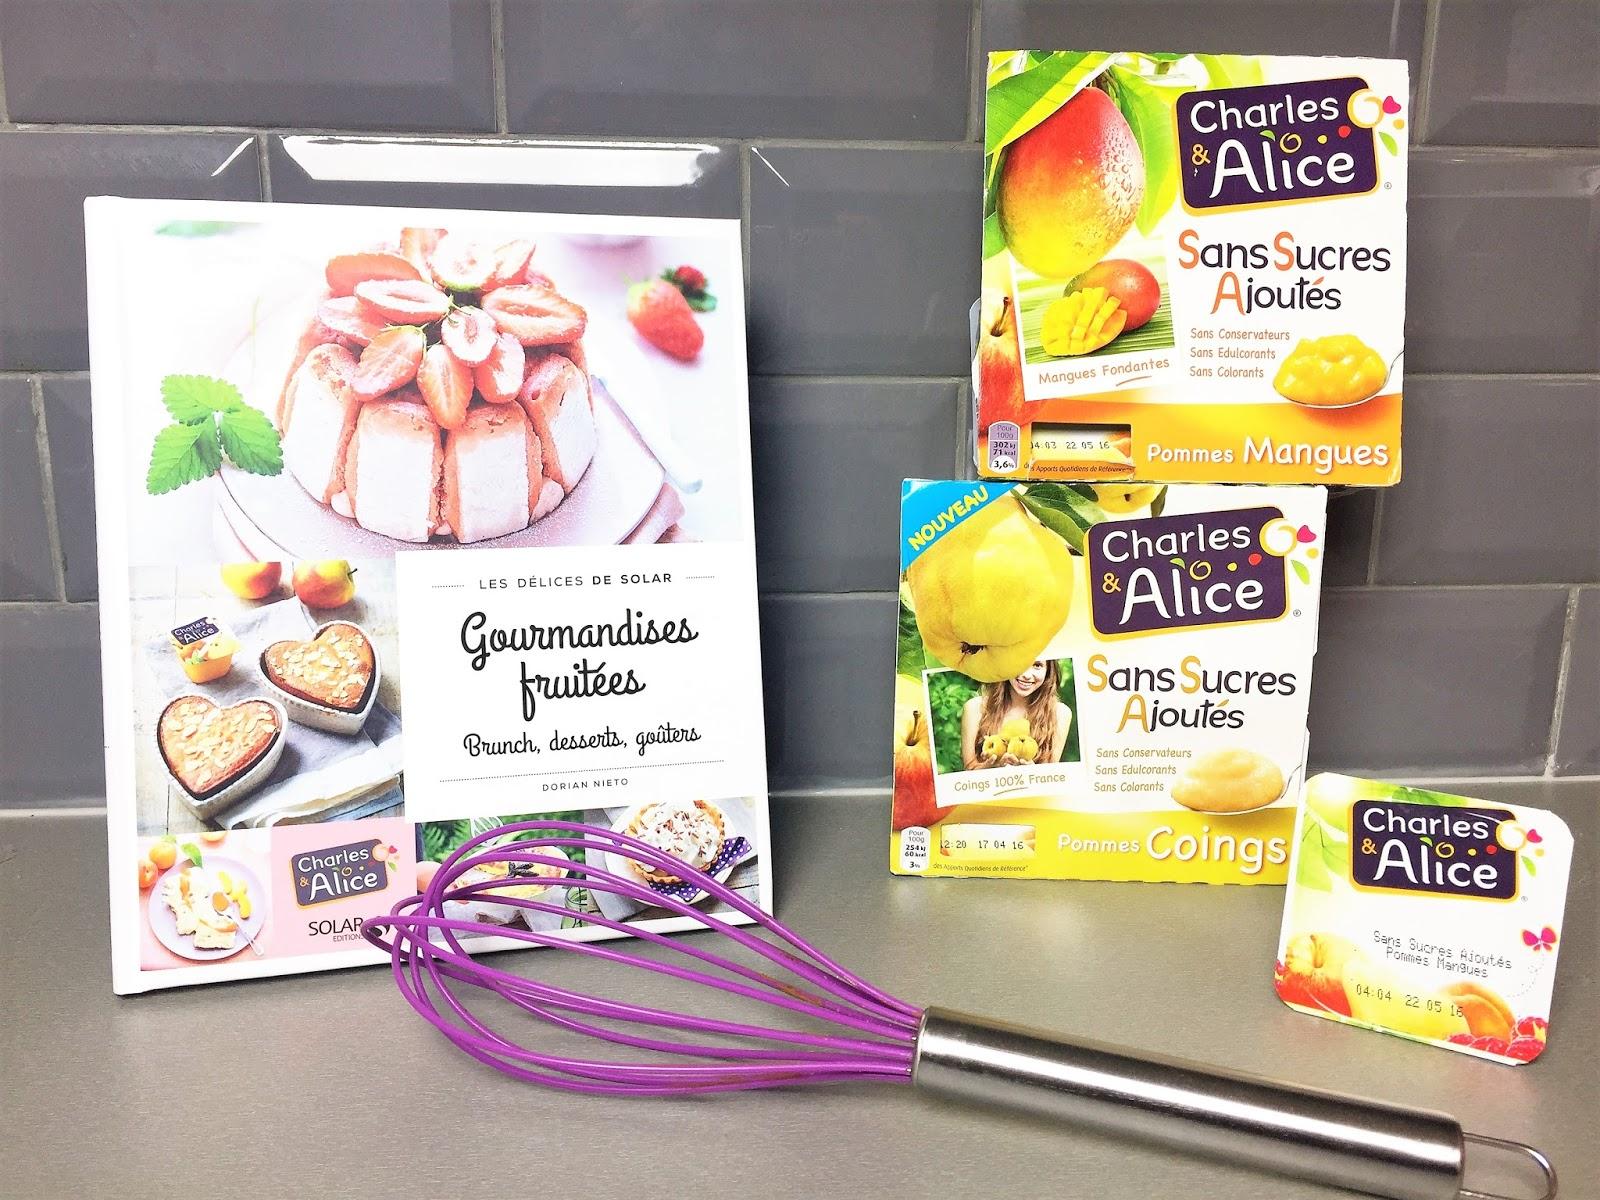 Charles et alice Dorian Nieto recette compote chocolat mangue pomme cuisine recette